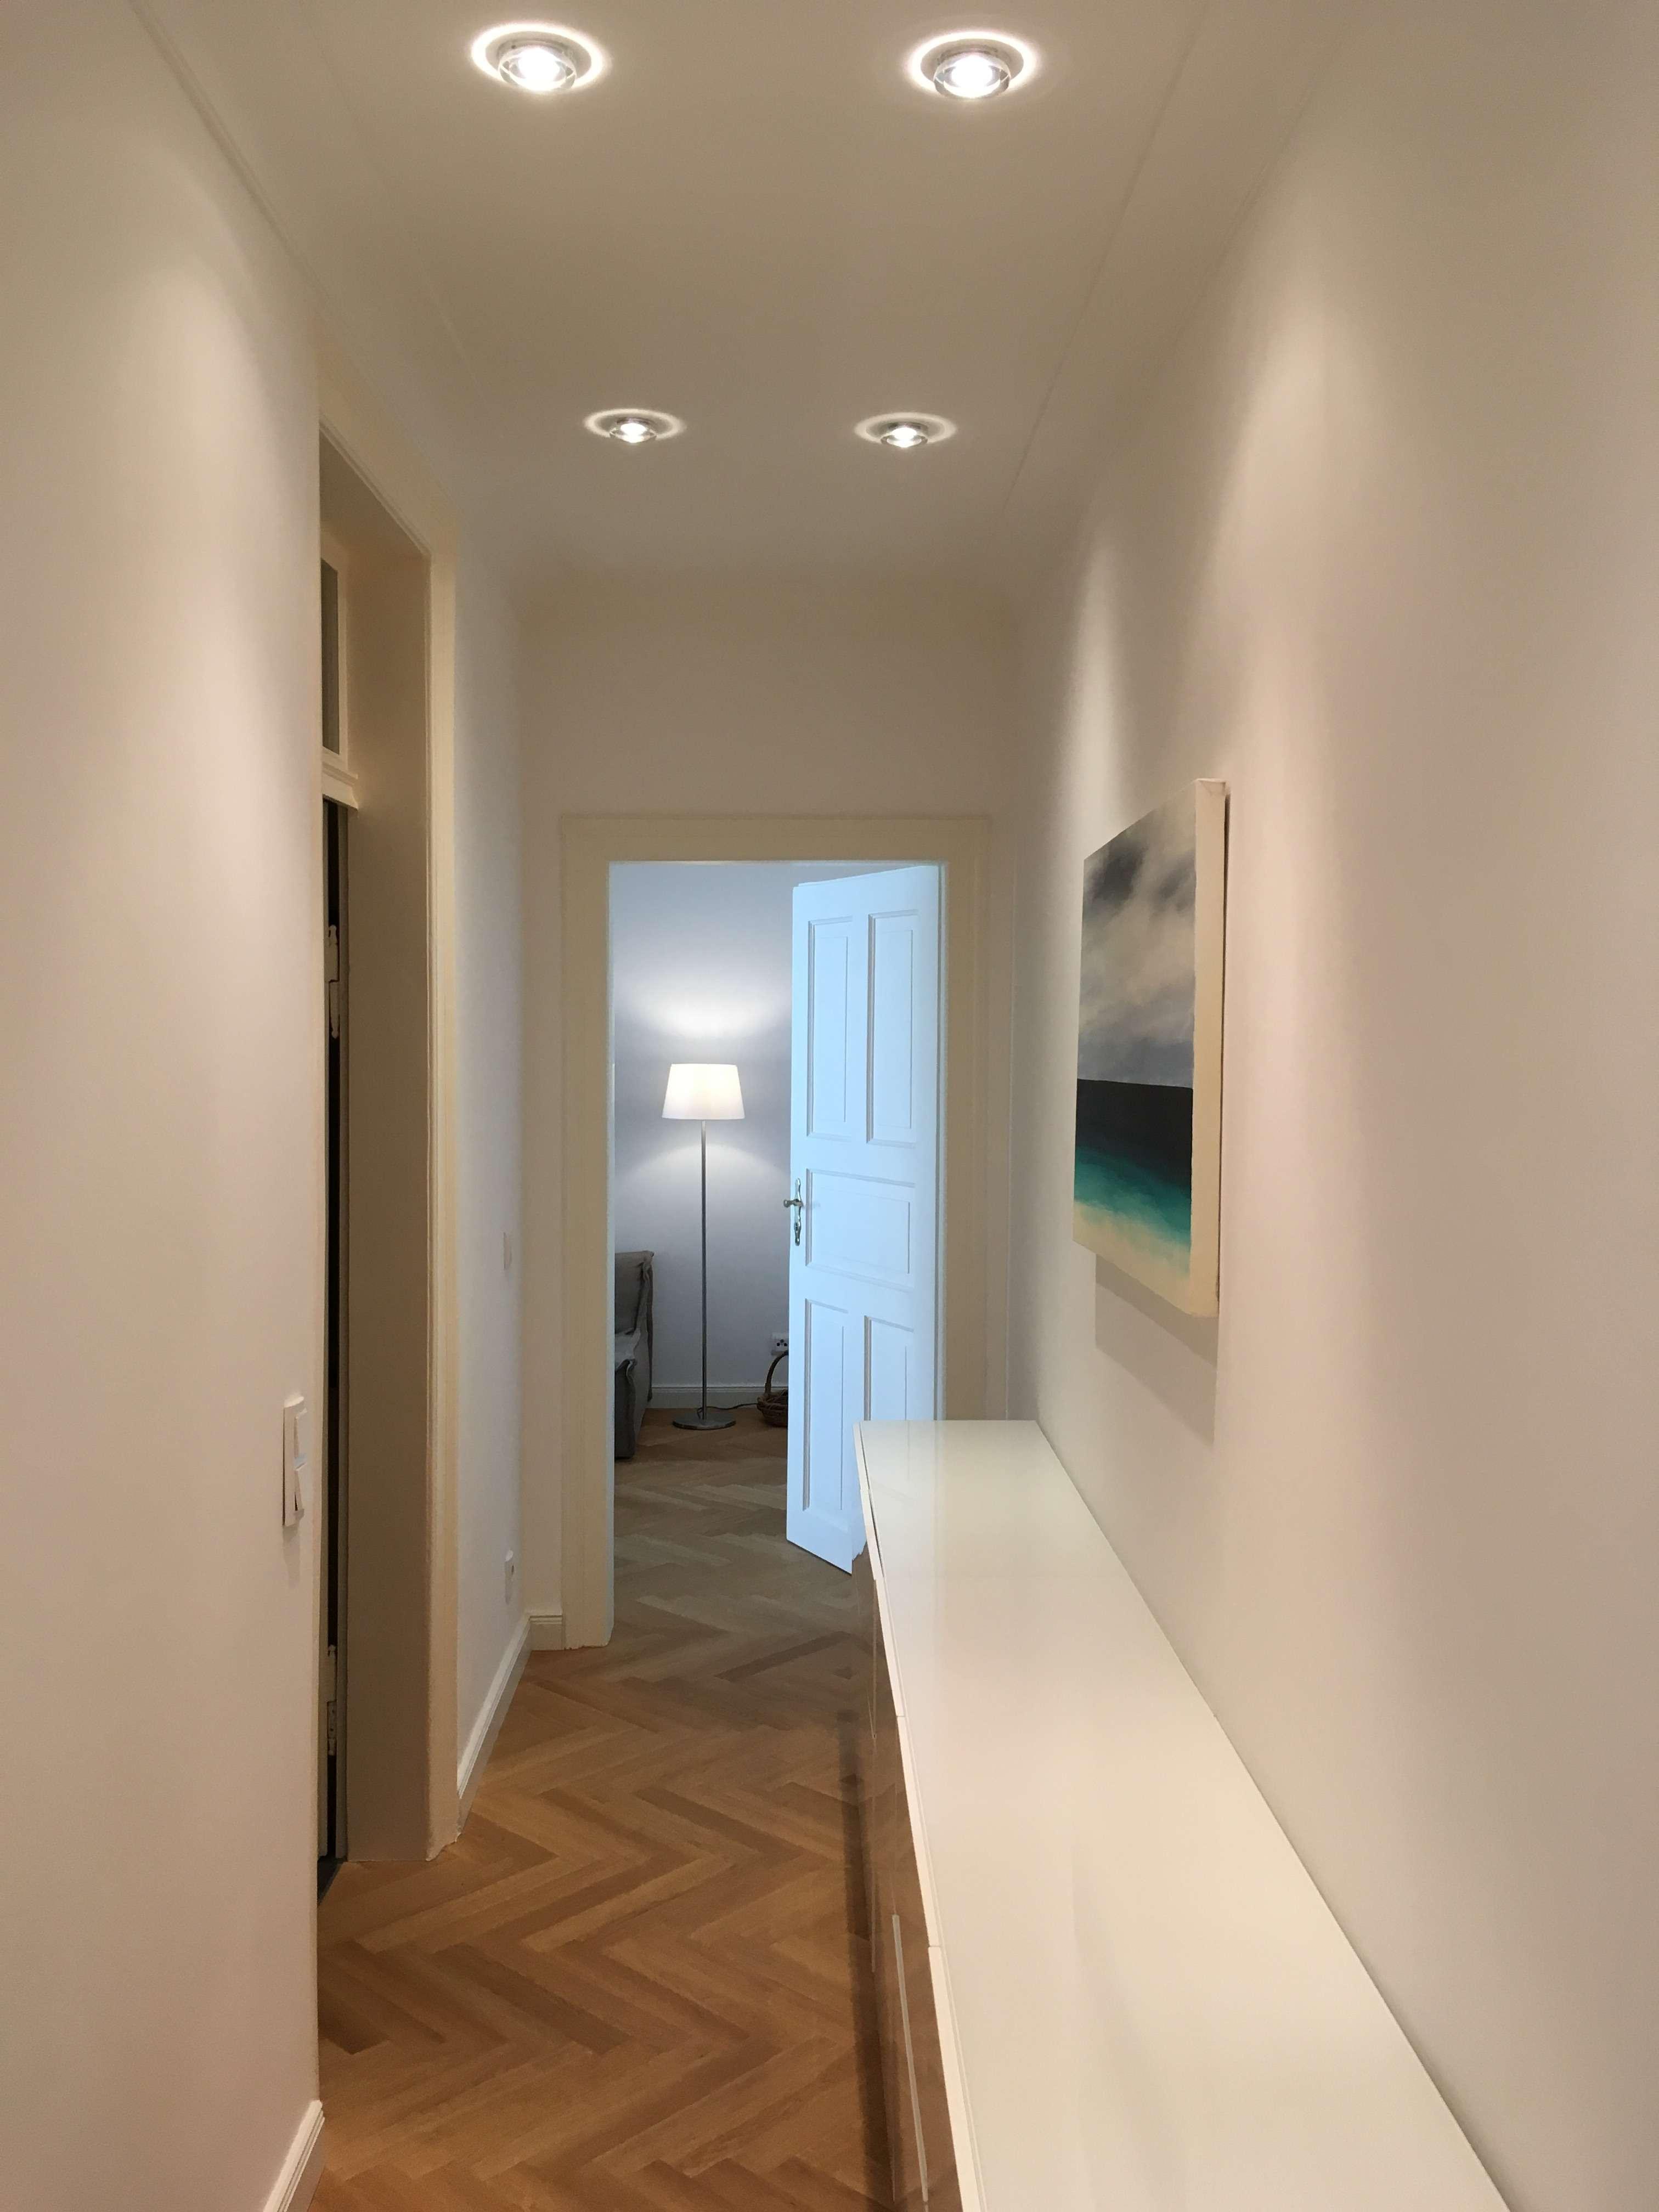 Möblierte 2-Zimmer Wohnung (renoviert) in Haidhausen, München in Haidhausen (München)